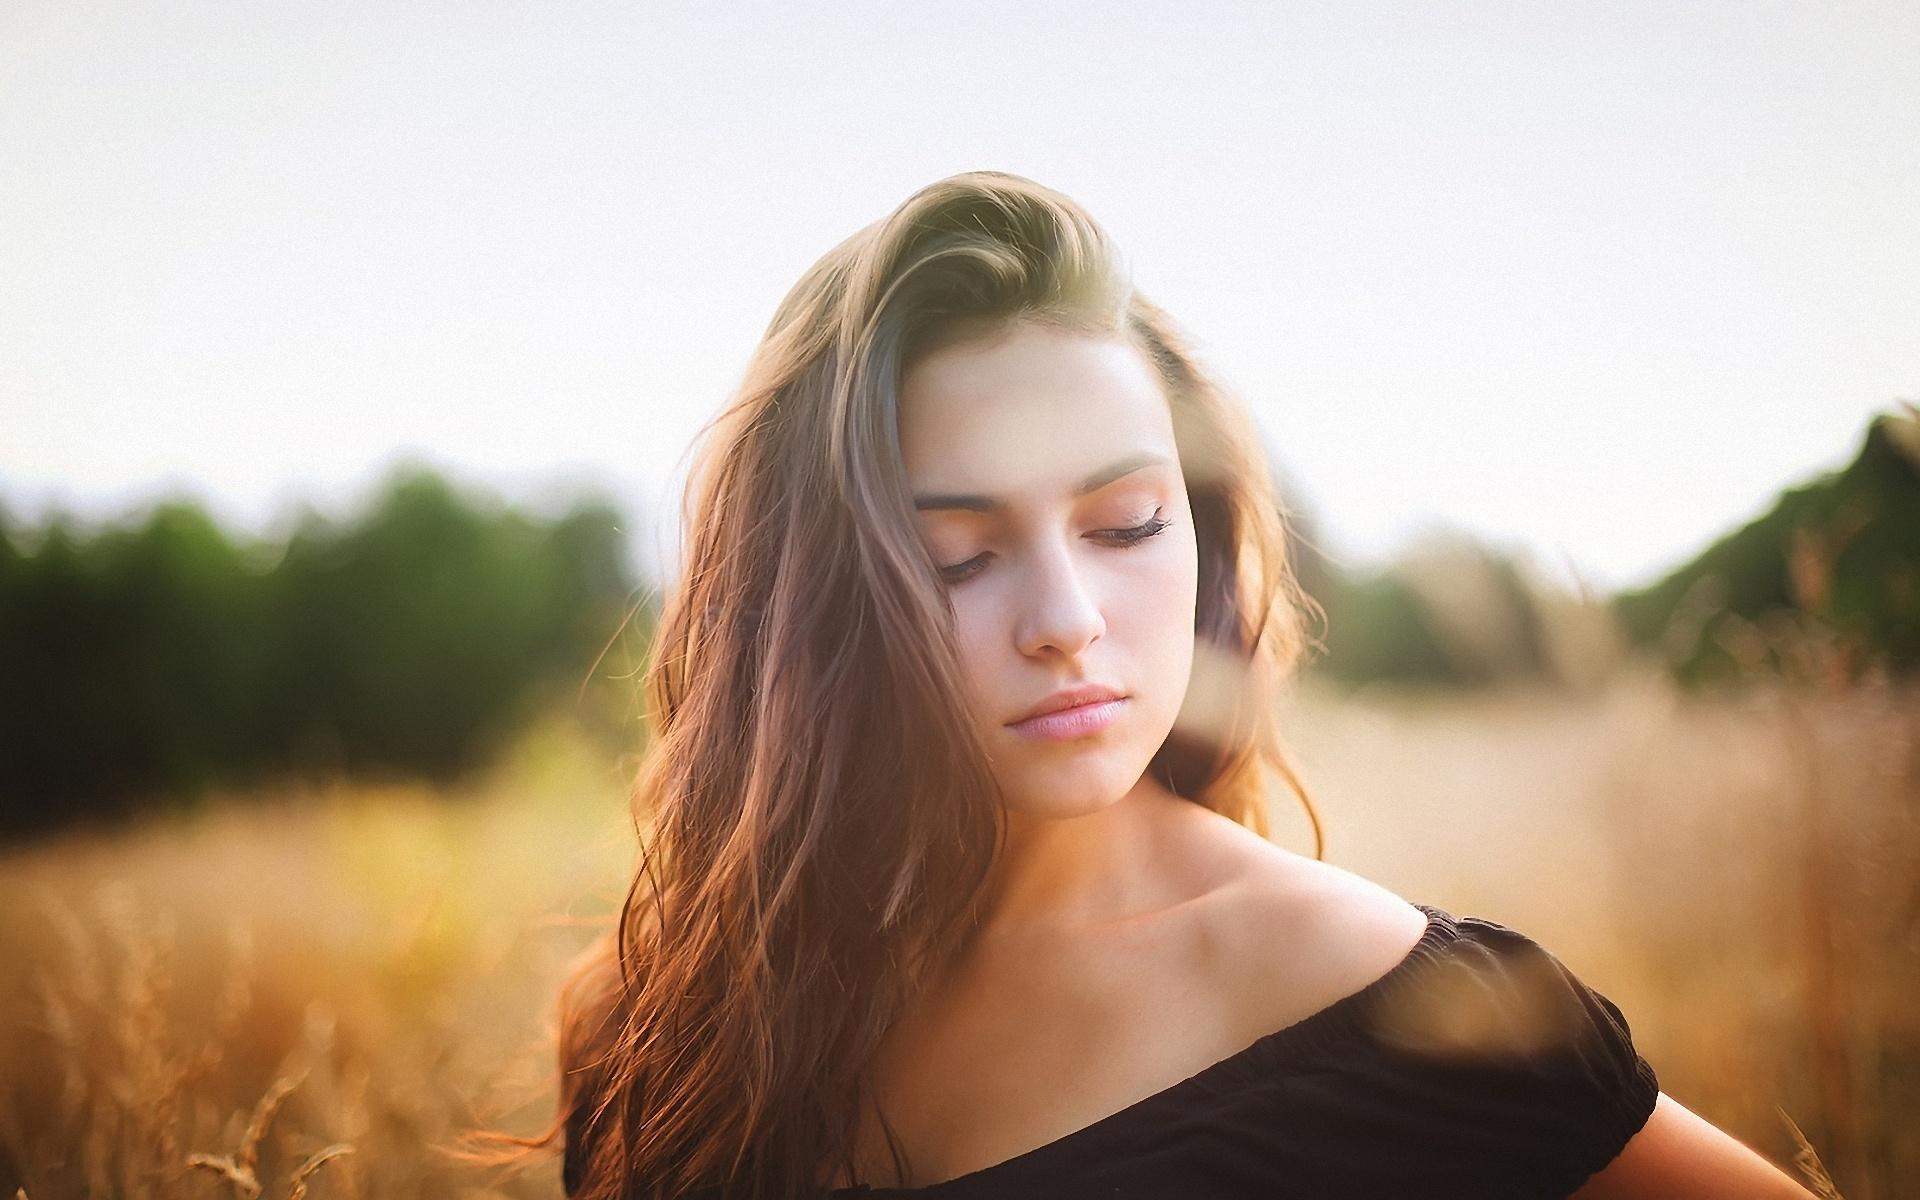 как правильно отказать и не чувствовать себя виноватой